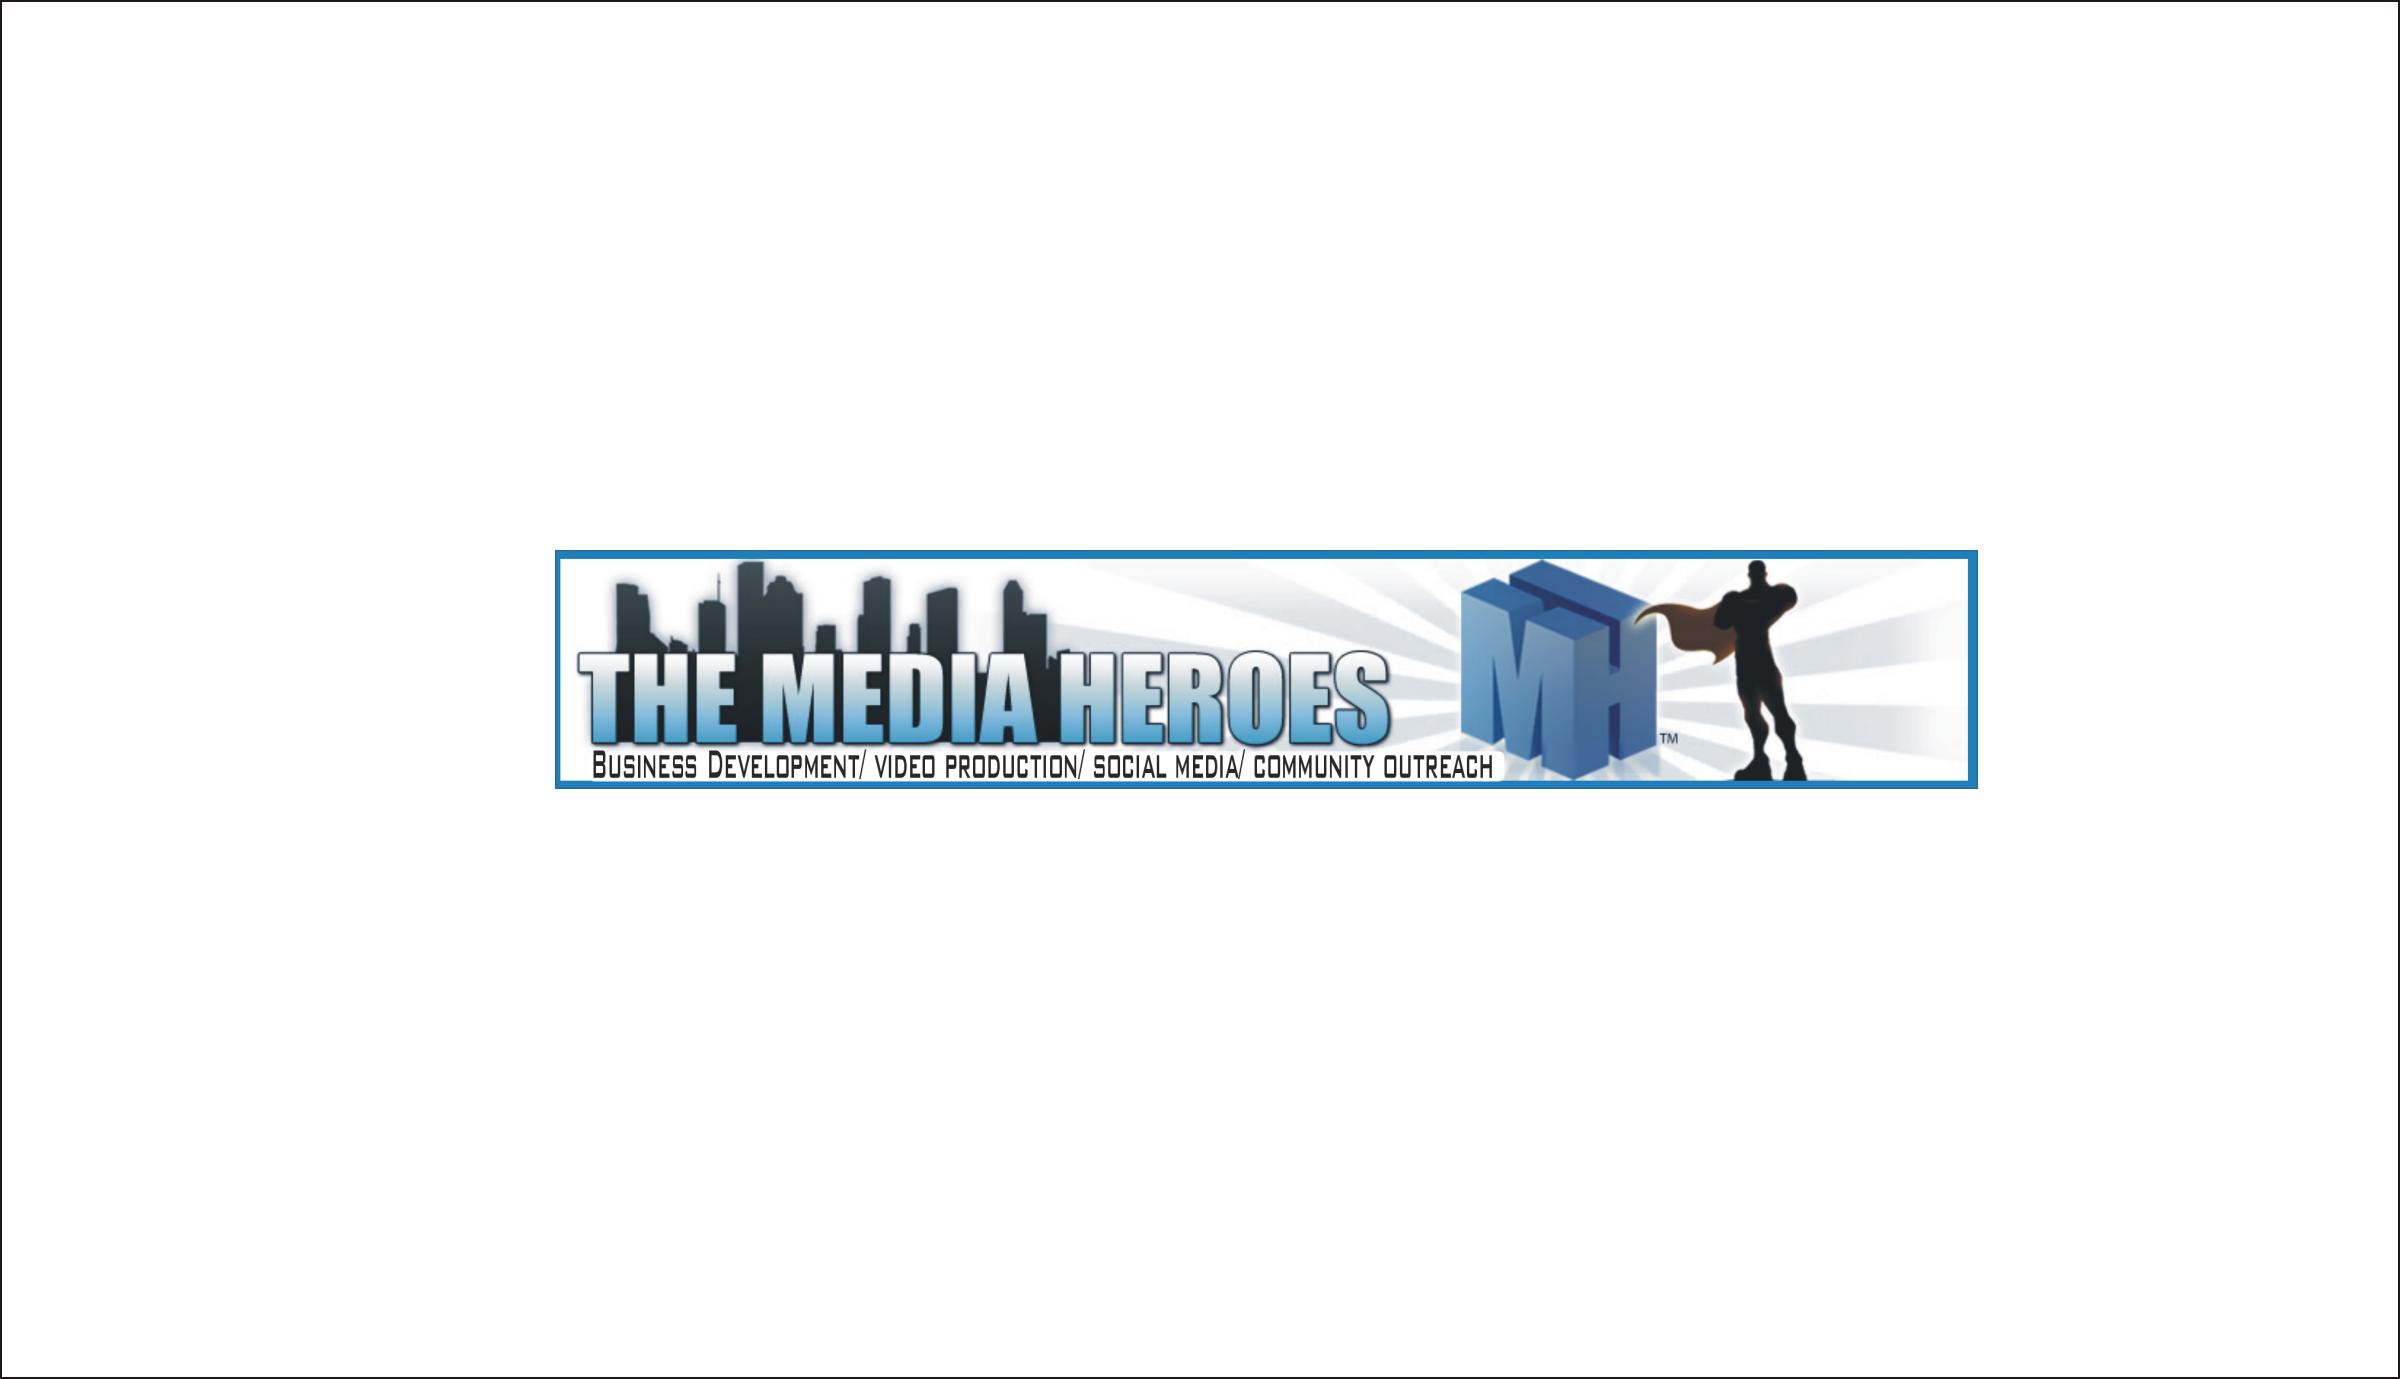 The Media Heroes